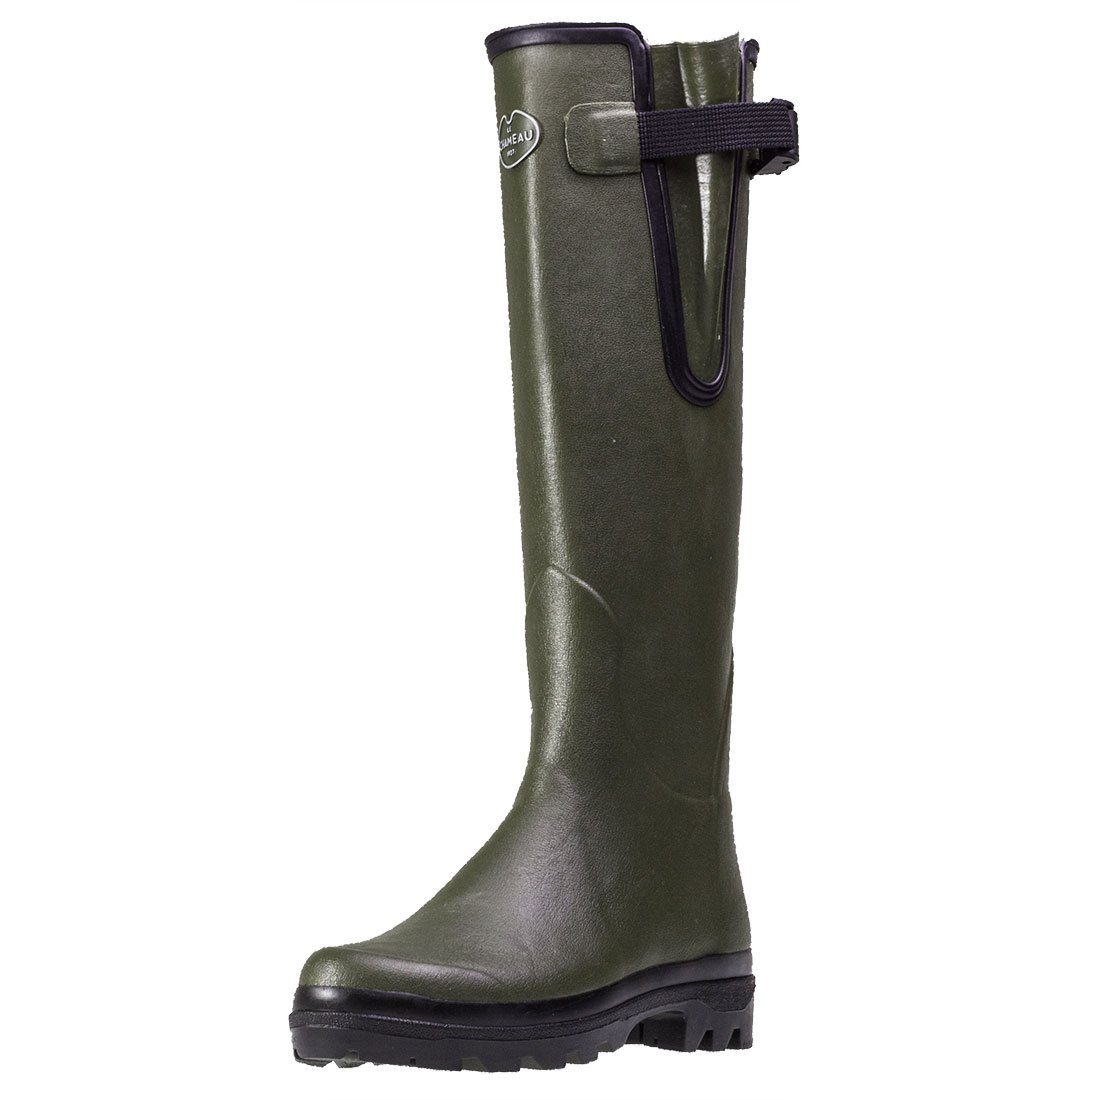 Le Chameau Footwear Women's Vierzon Jersey Boot, Vierzon Green, 39 EU/7.5 M US